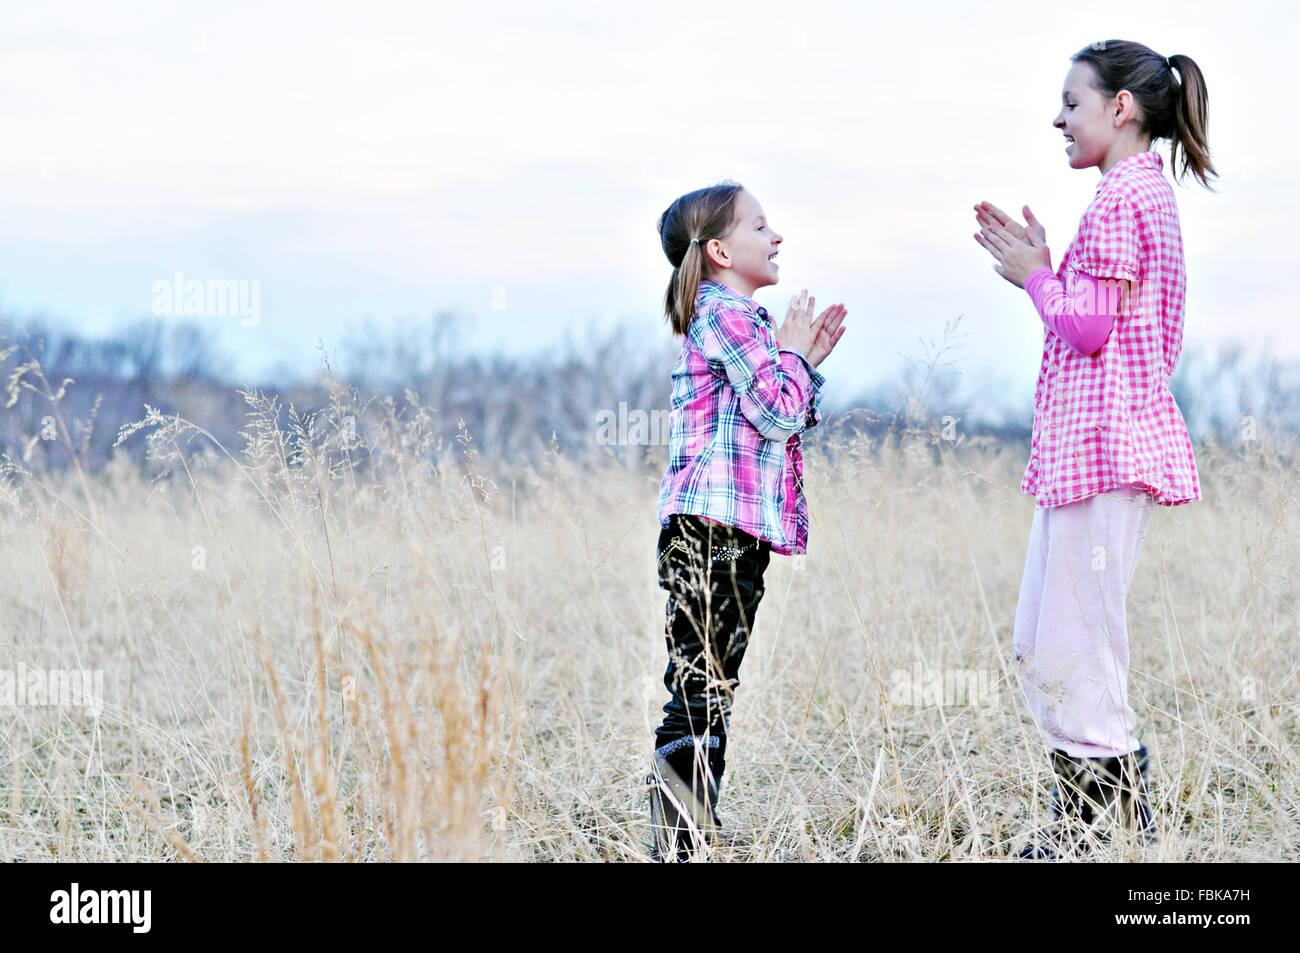 Le ragazze a giocare battendo le mani mano giochi nel campo Immagini Stock